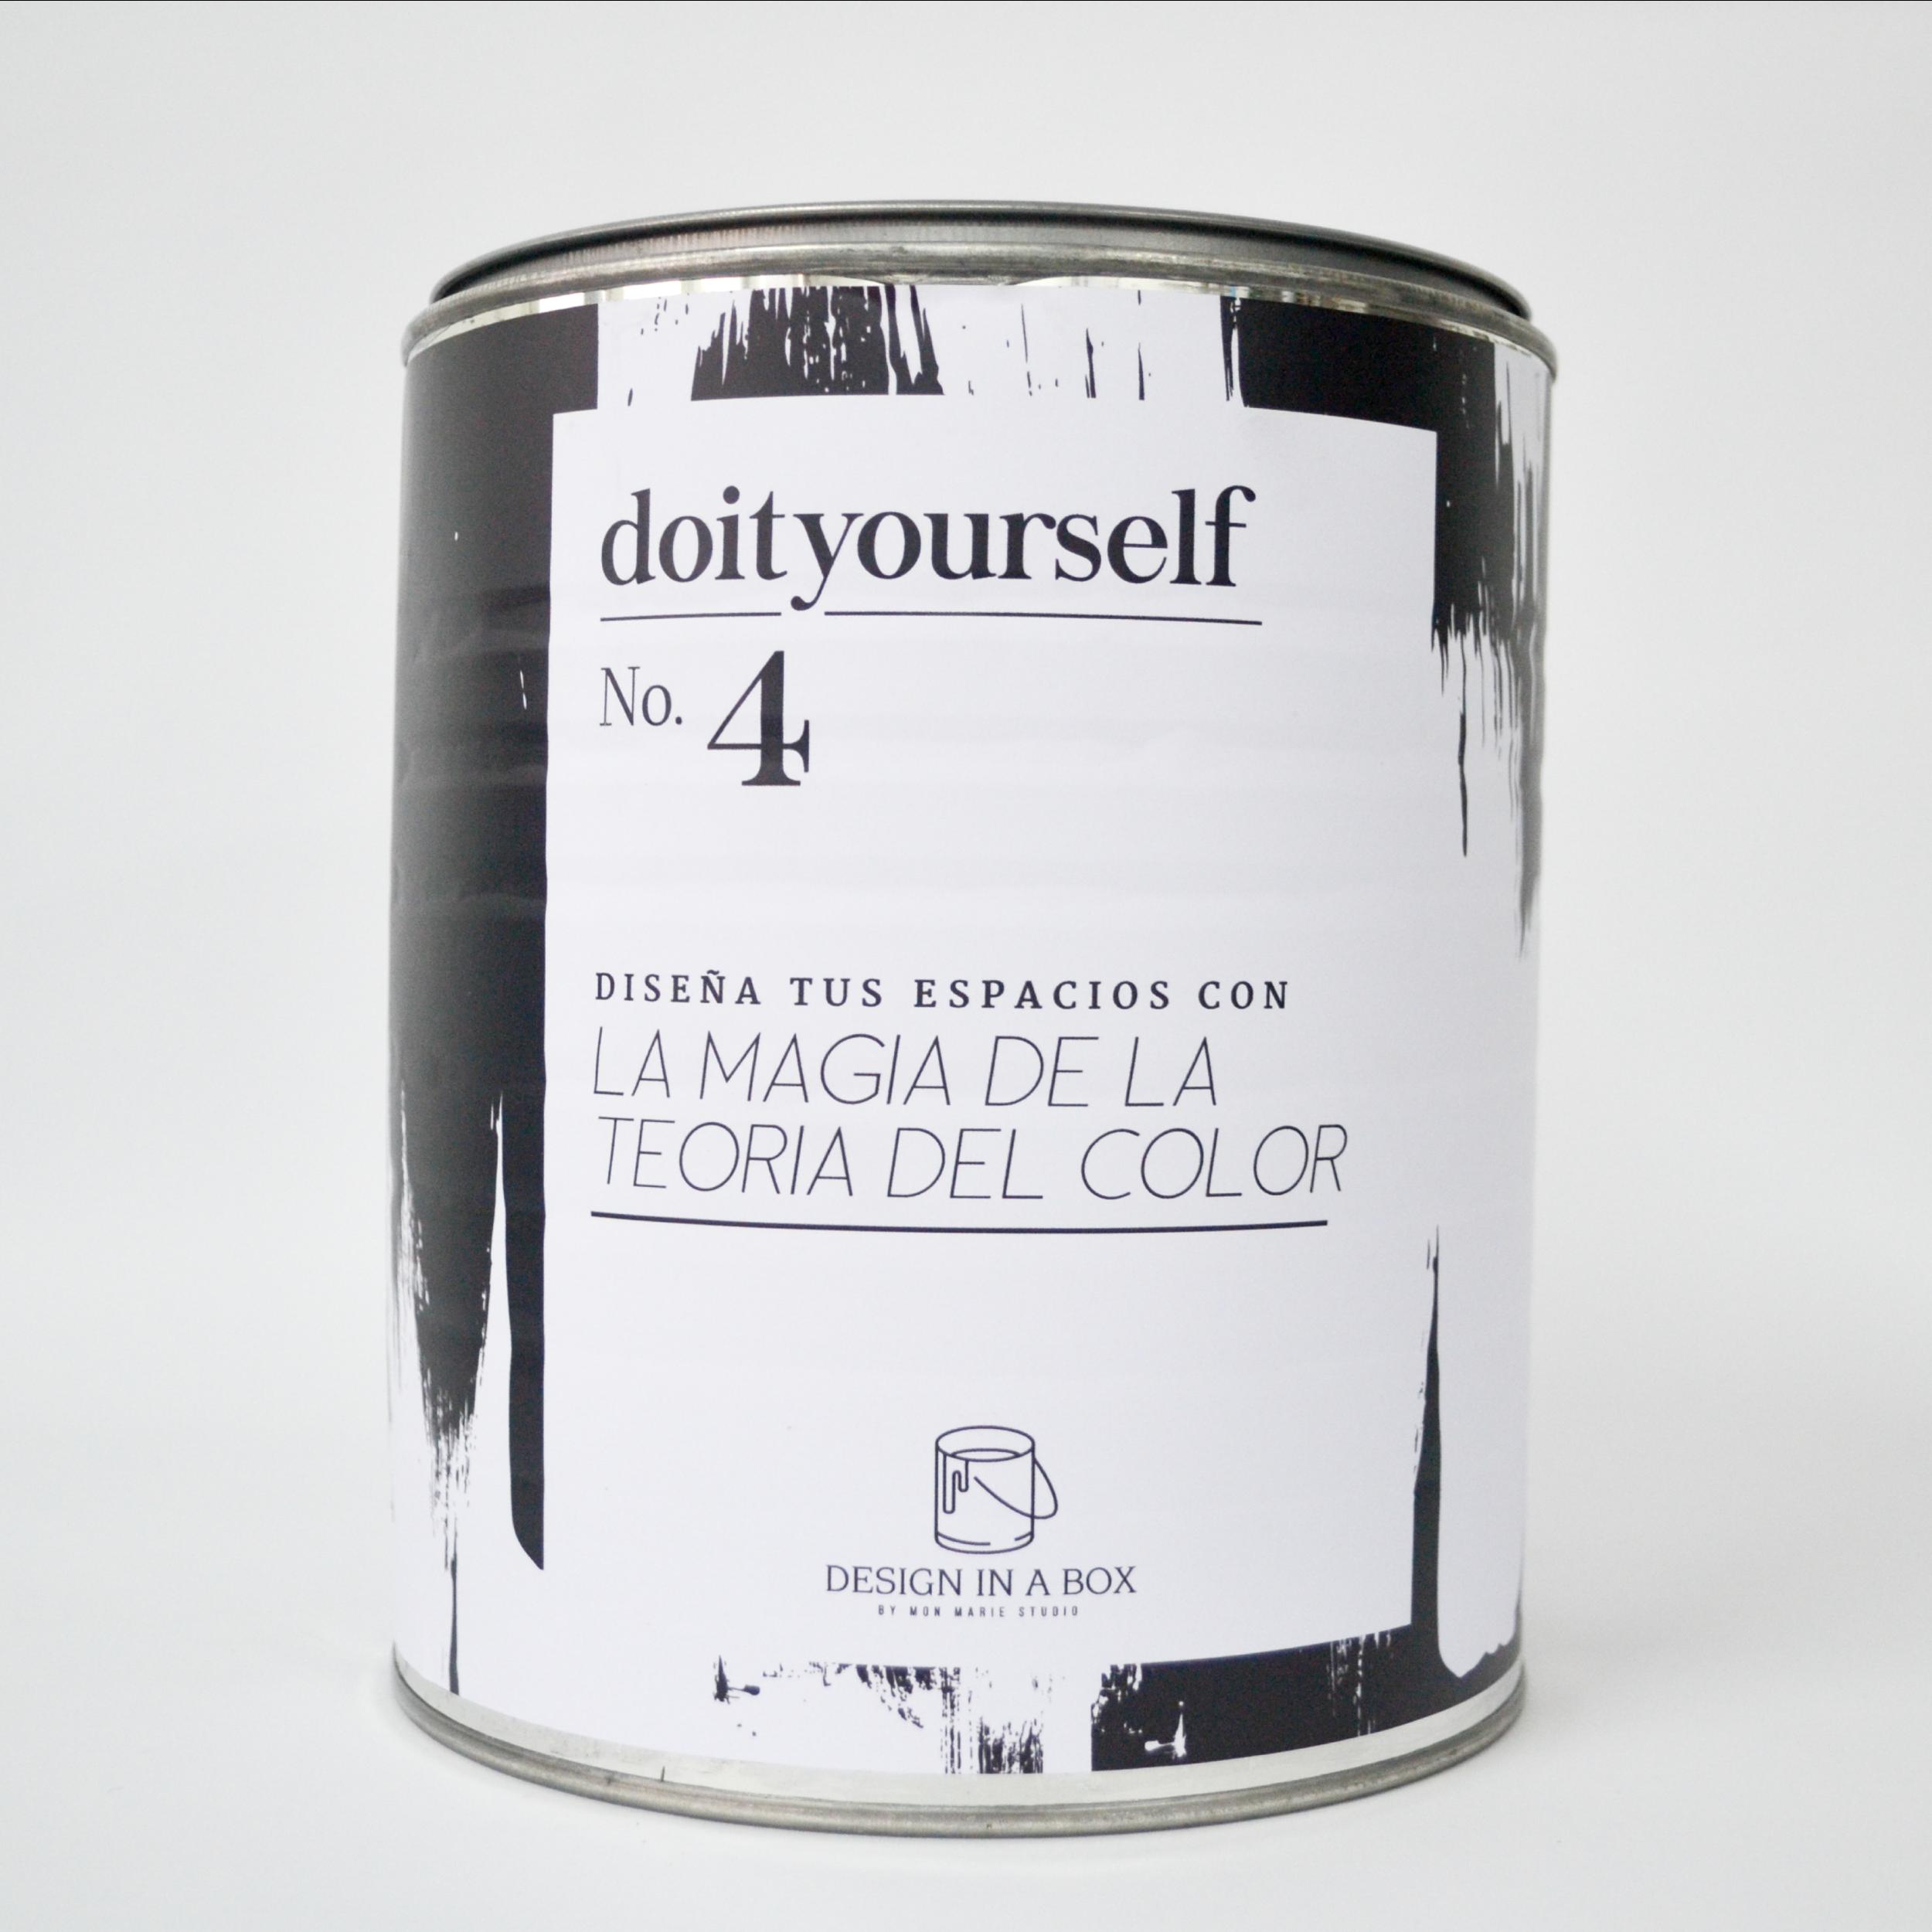 KIT TEORÍA DEL COLOR     Transforma tus espacios por medio del color, aprende como funcionan los colores, que despiertan y como darles su mejor potencial en las zonas. Incluye libro guía, colores, metro y elementos de dibujo.